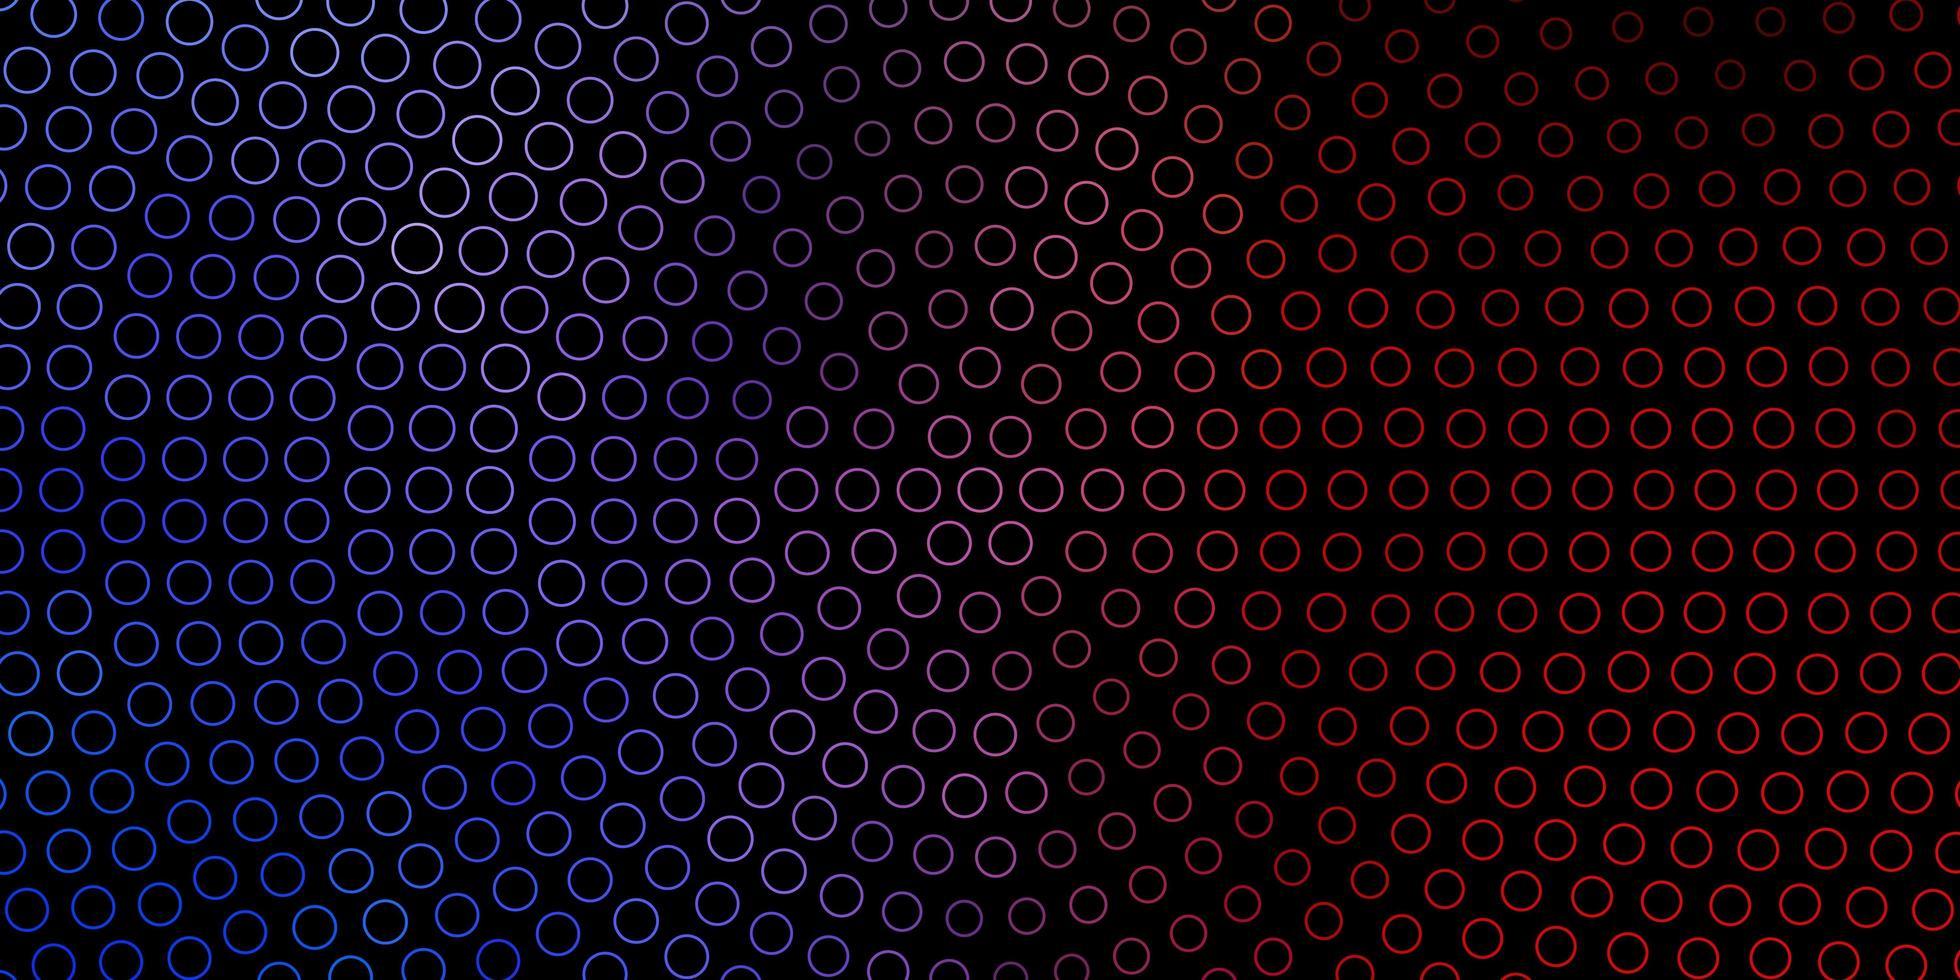 pano de fundo vector azul e vermelho escuro com círculos.